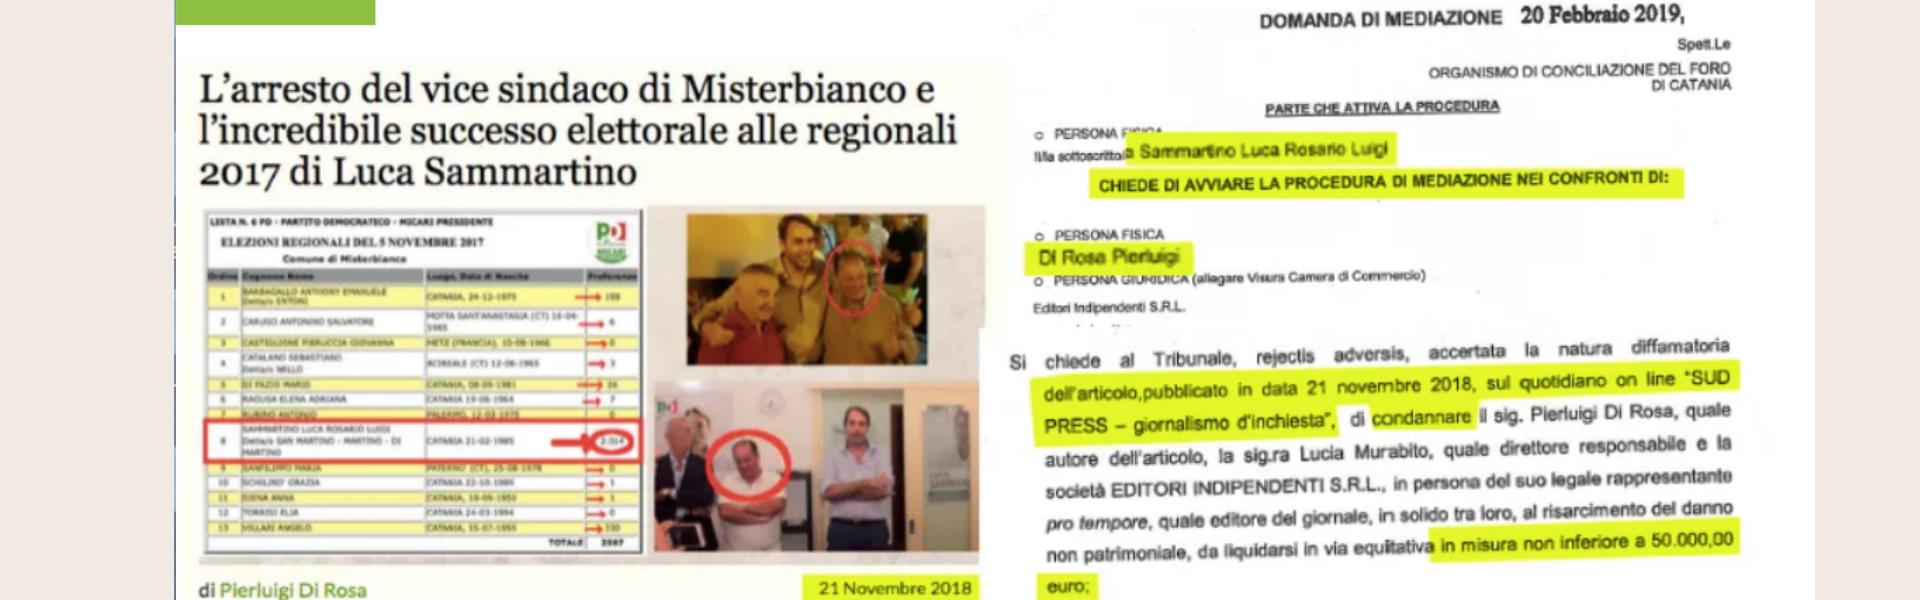 """Il caso di """"Mamma Agata"""" morta per una laparoscopia: l'ex presidente dei medici catanesi Diego Piazza imputato per omicidio colposo"""